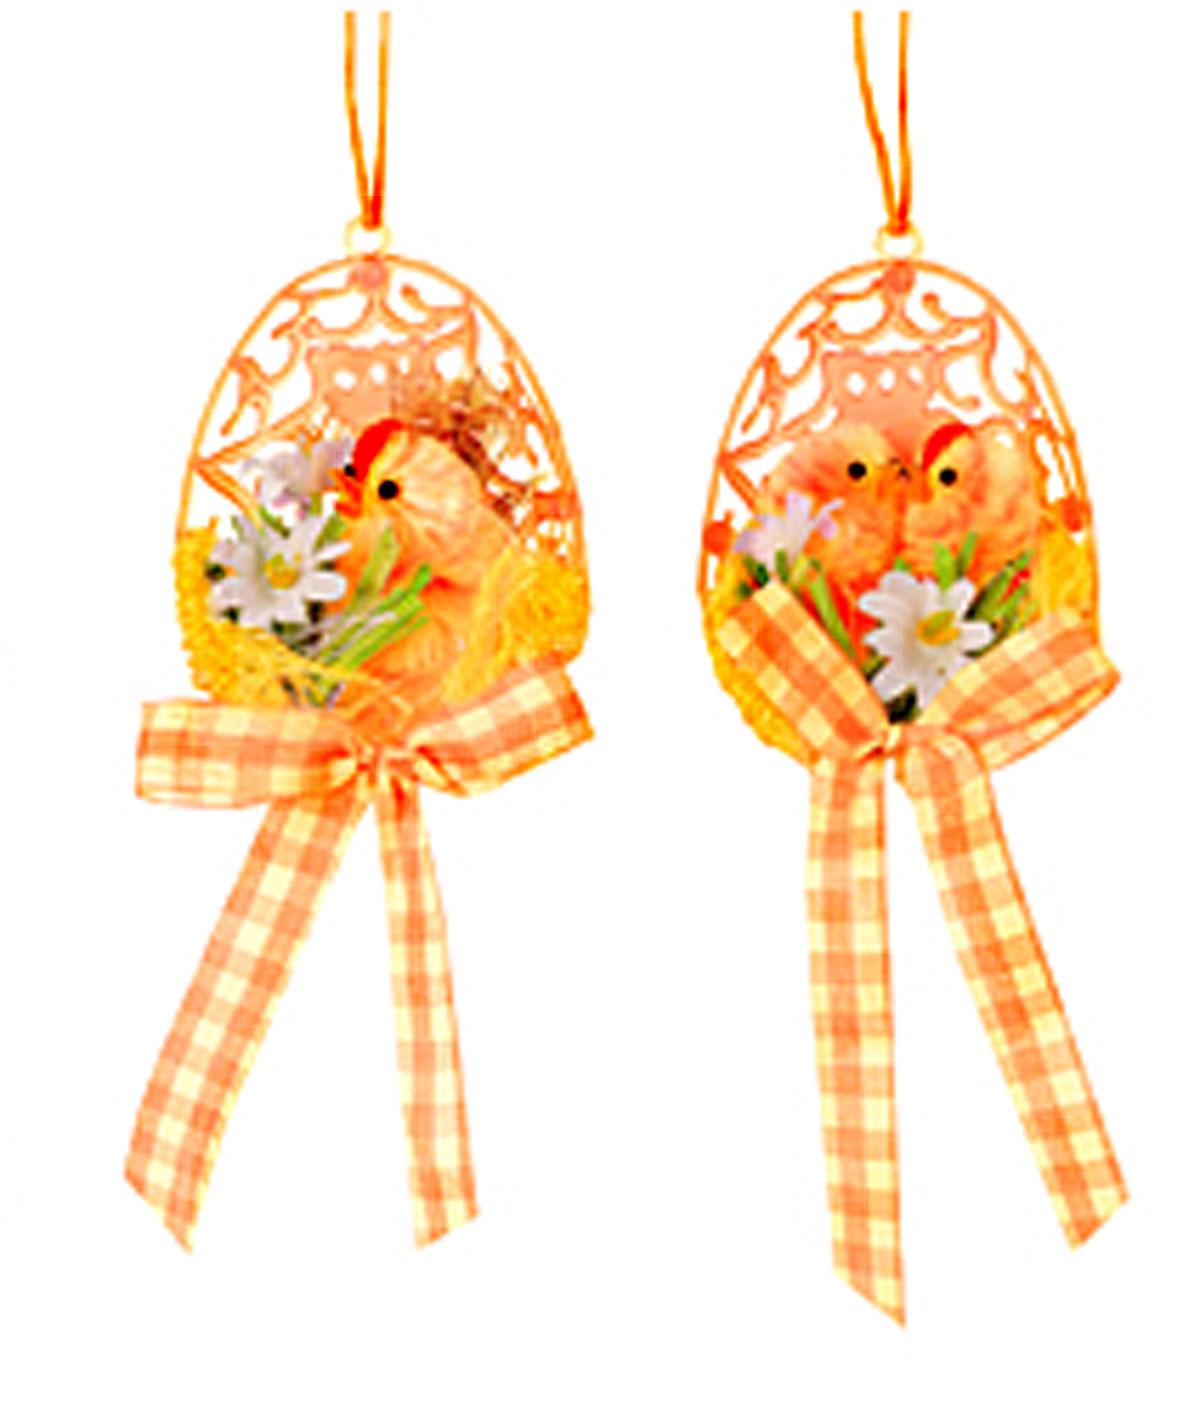 Набор декоративных подвесных украшений Цыпленок в скорлупе, 5 х 3 х 7 см, цвет: оранжевый, 2 шт64441_2Подвесное украшение Home Queen Цыпленок в скорлупе изготовлено из полиэстера и представляет собой композицию из половинки скорлупы, цыпленка, текстильных цветов, травы и банта. В наборе - 2 украшения. Такие украшения прекрасно оформят интерьер дома или станут замечательным подарком для друзей и близких на Пасху. Размер: 5 см х 3 см х 7 см.